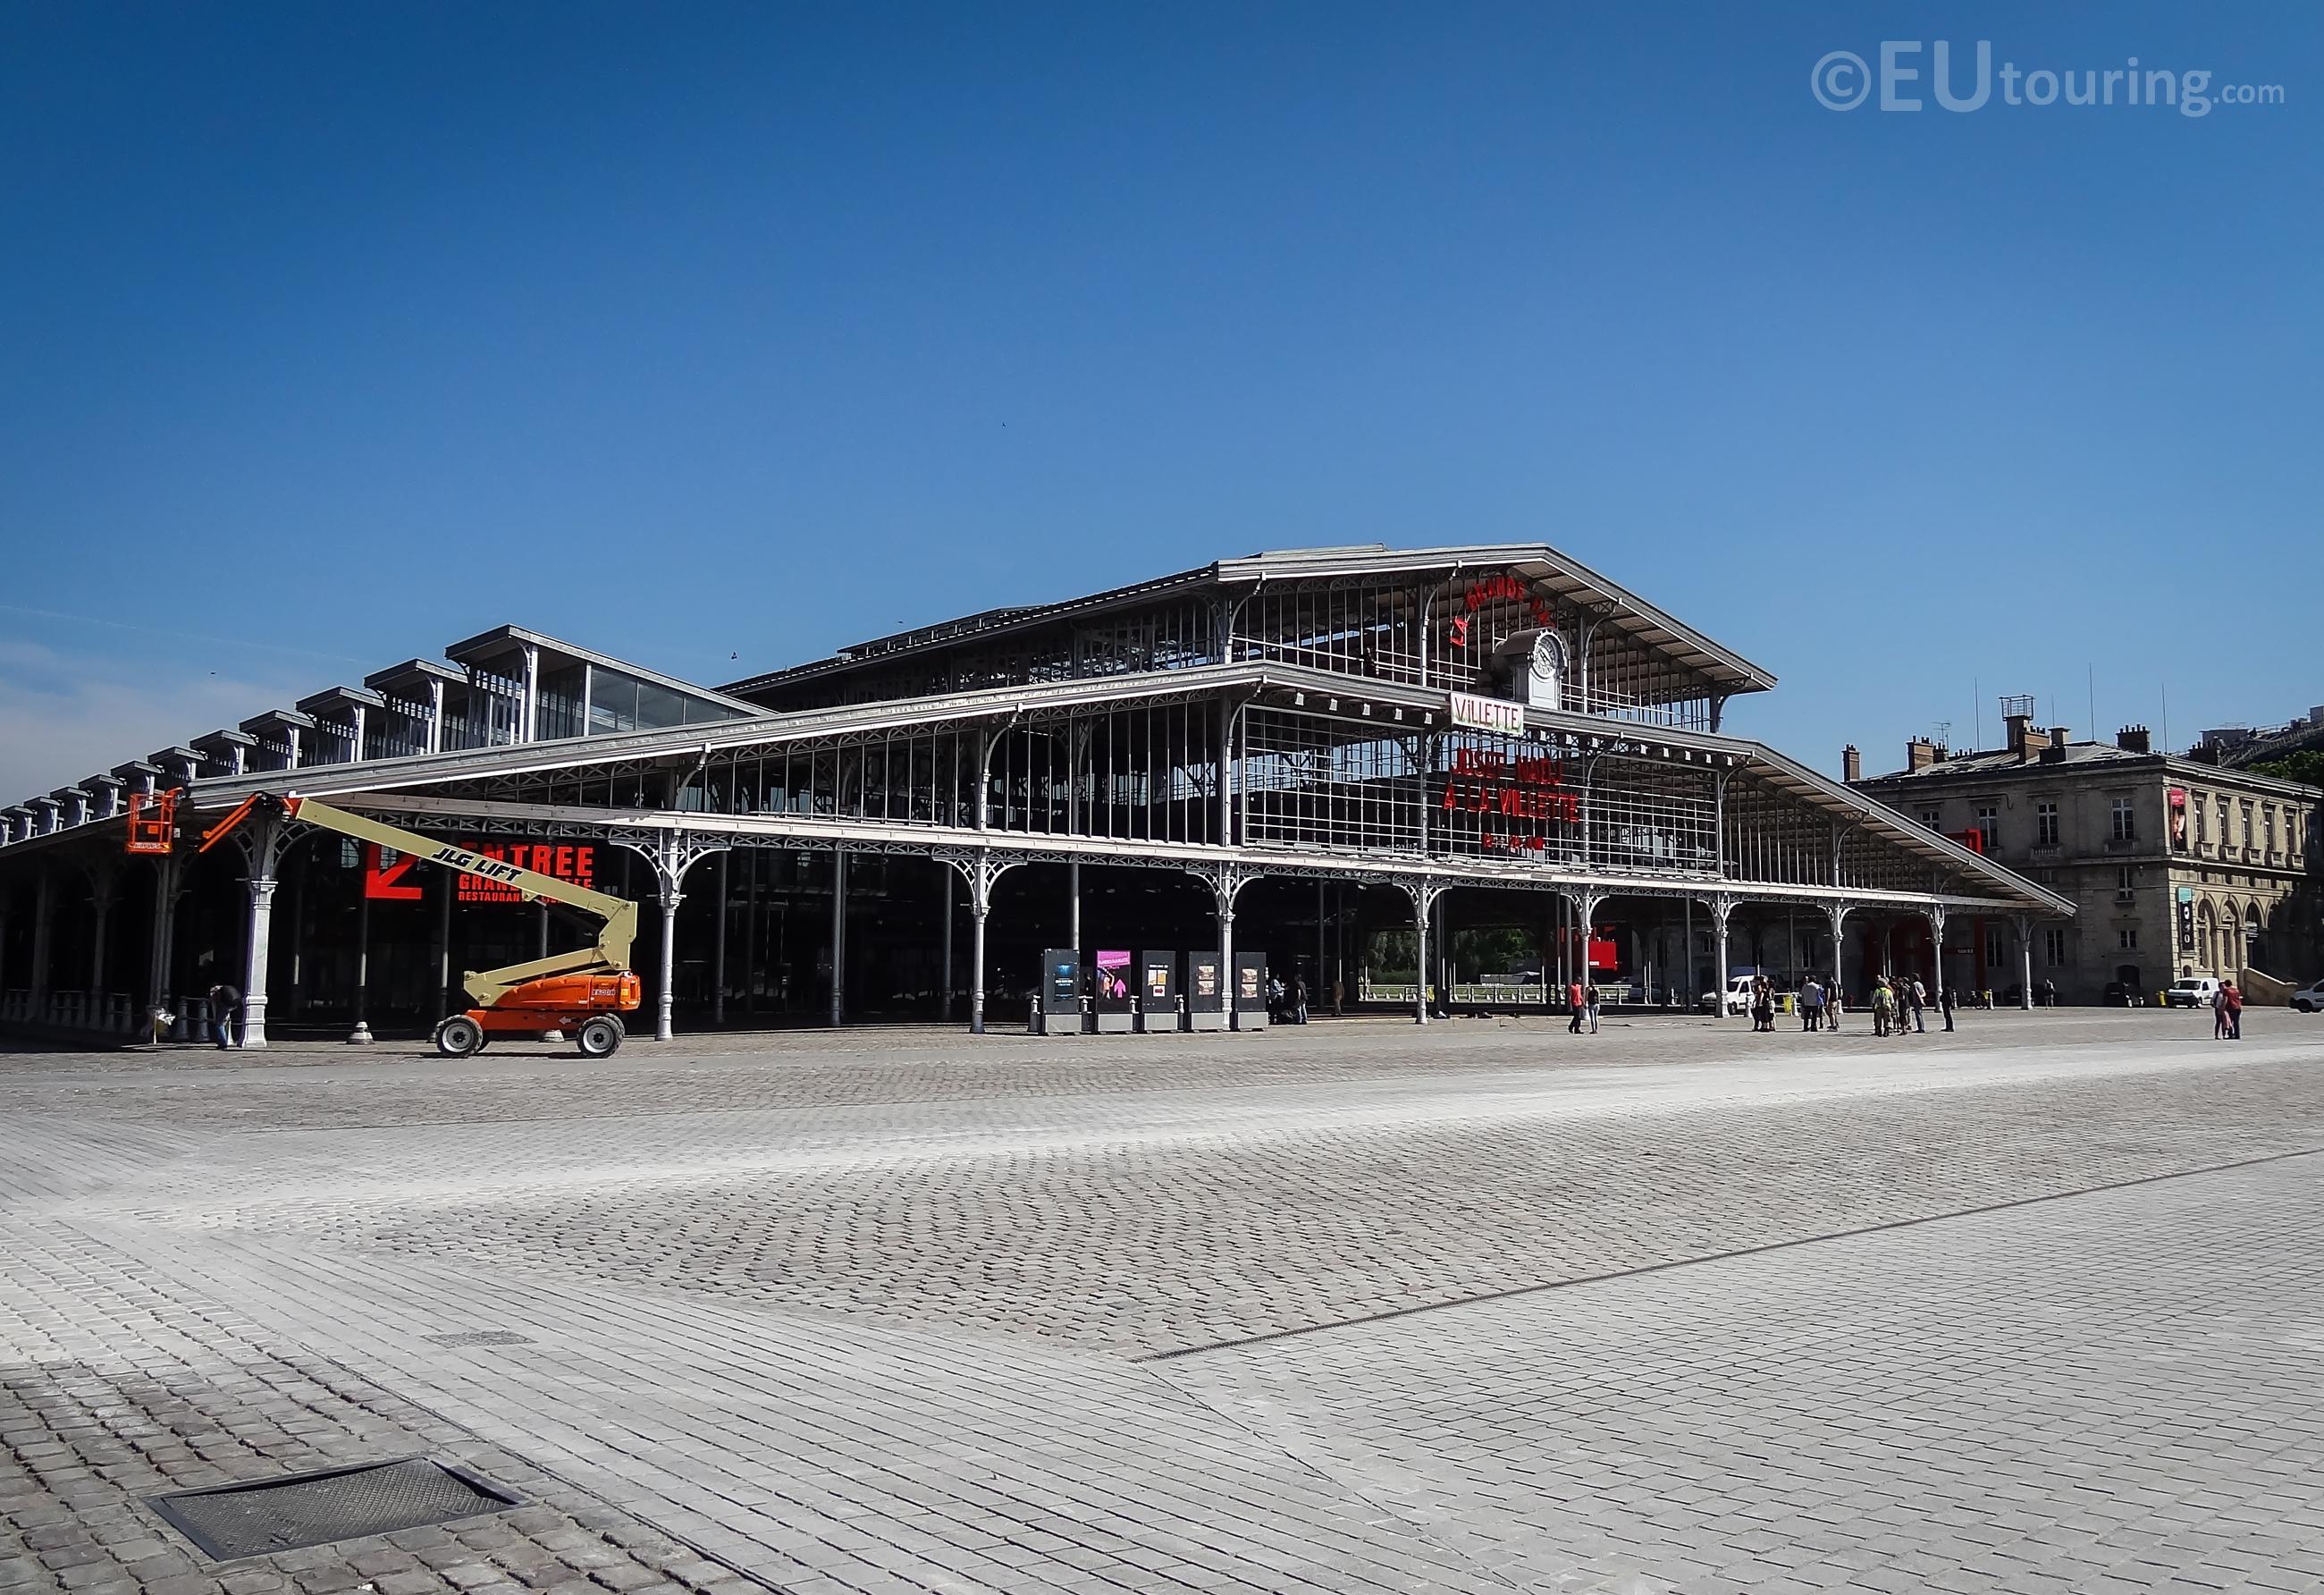 A view of La Grande Halle